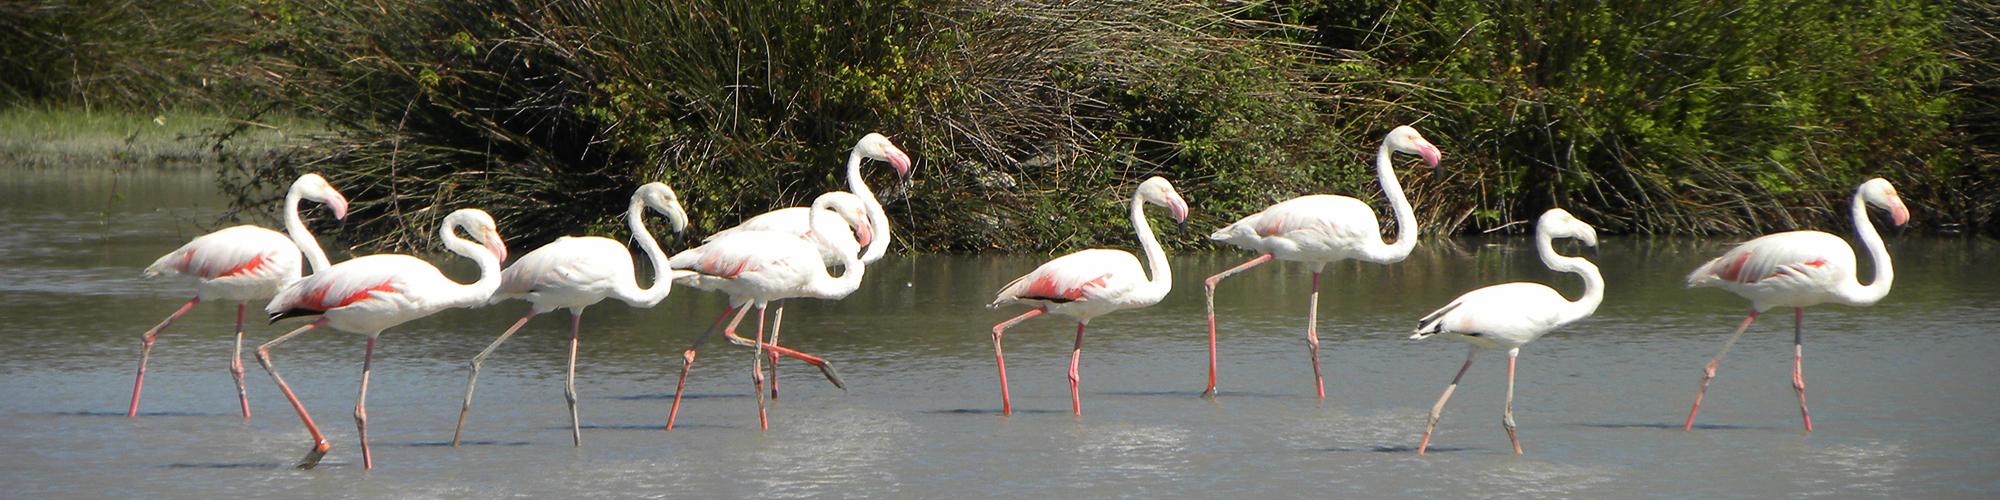 imagenes anfibios imagenes aves imagenes invertebrados imagenes